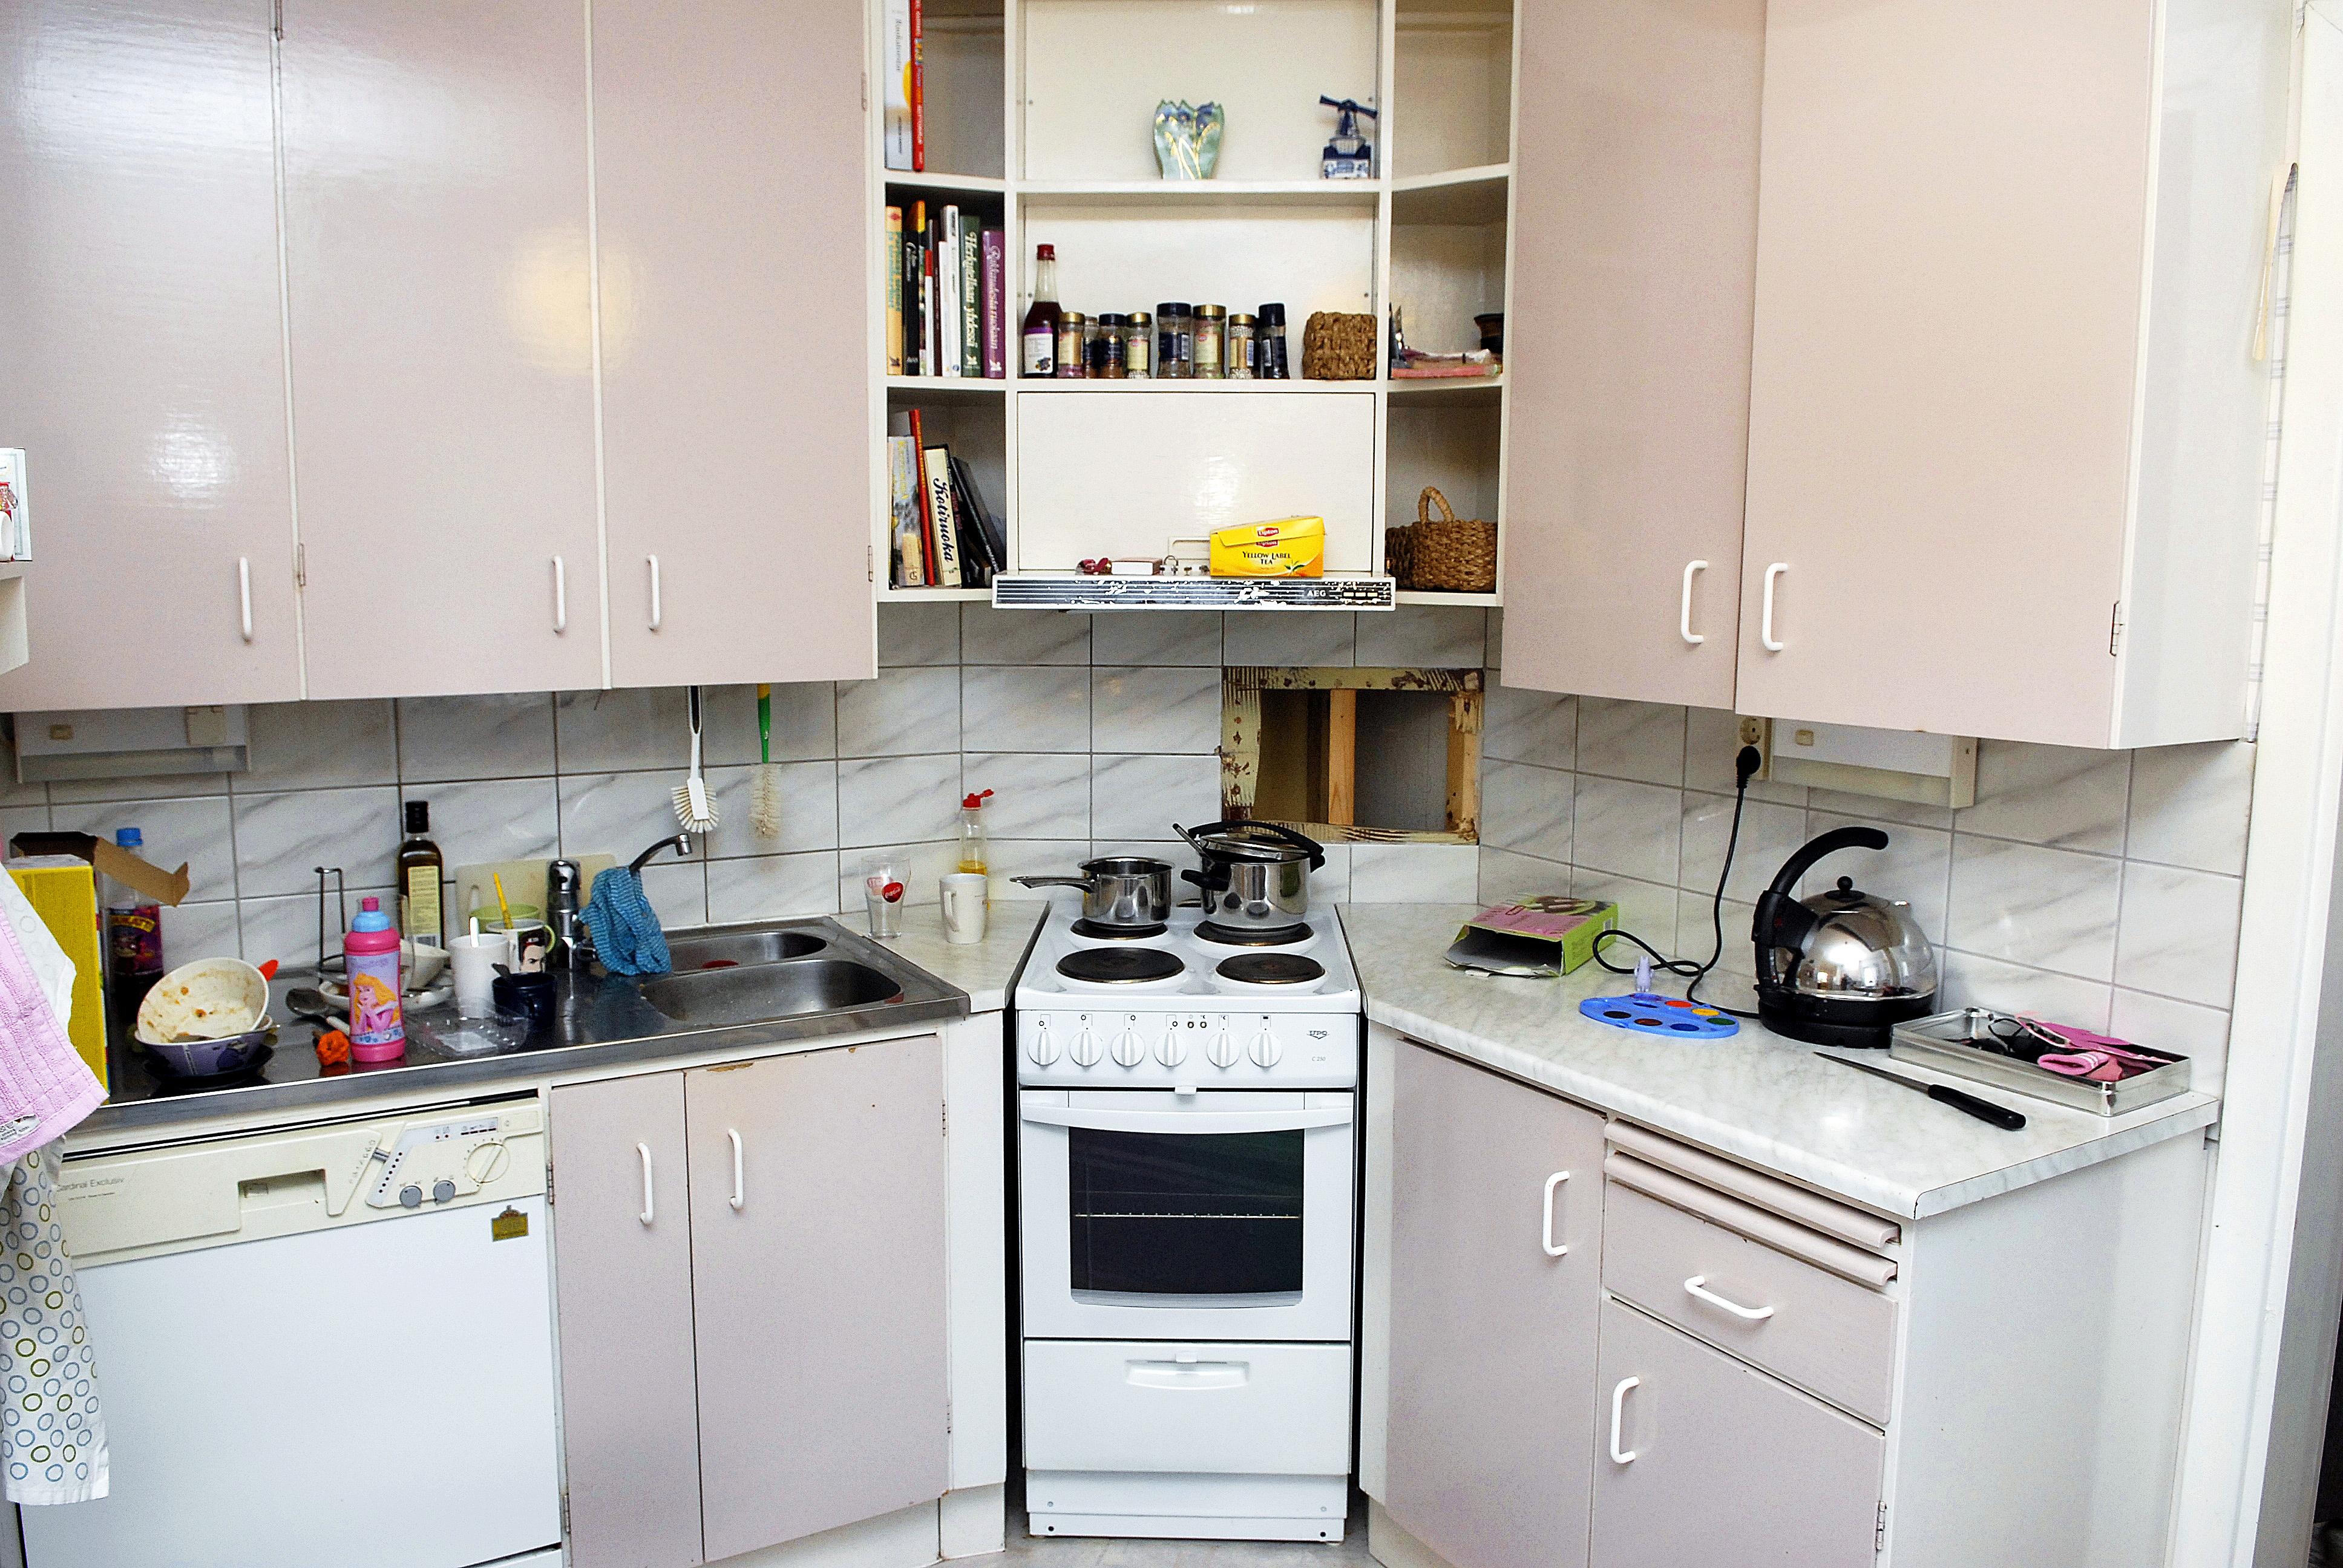 Keittiöremontti Kodikas keittiö kahdessa viikossa  Suomela  Jotta asuminen